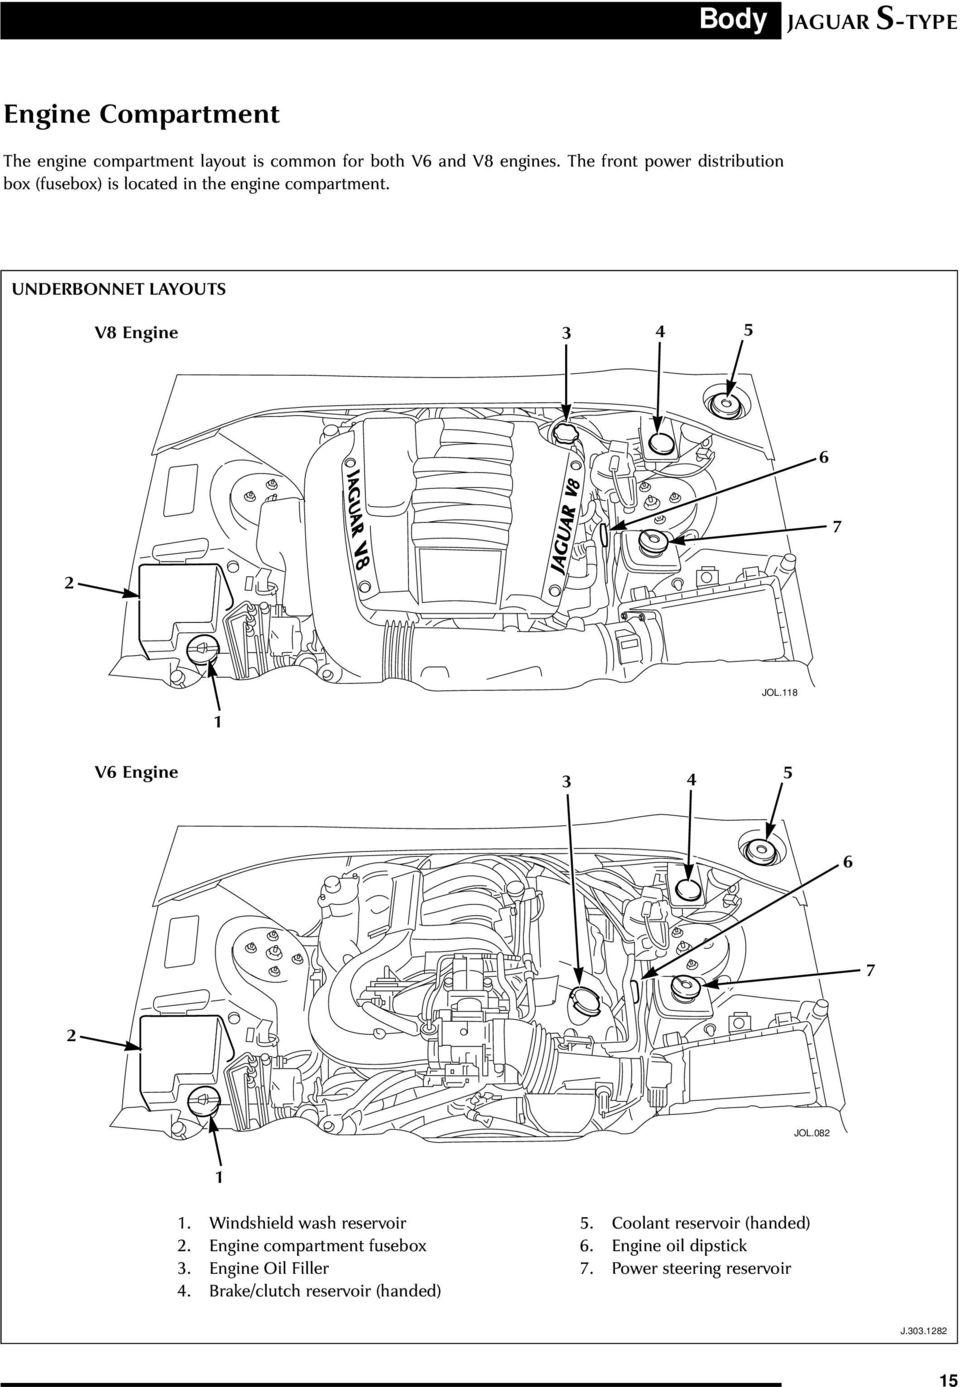 hight resolution of underbonnet layouts v8 engine 3 4 5 6 7 2 jol 118 1 v6 engine 21 jaguar s type